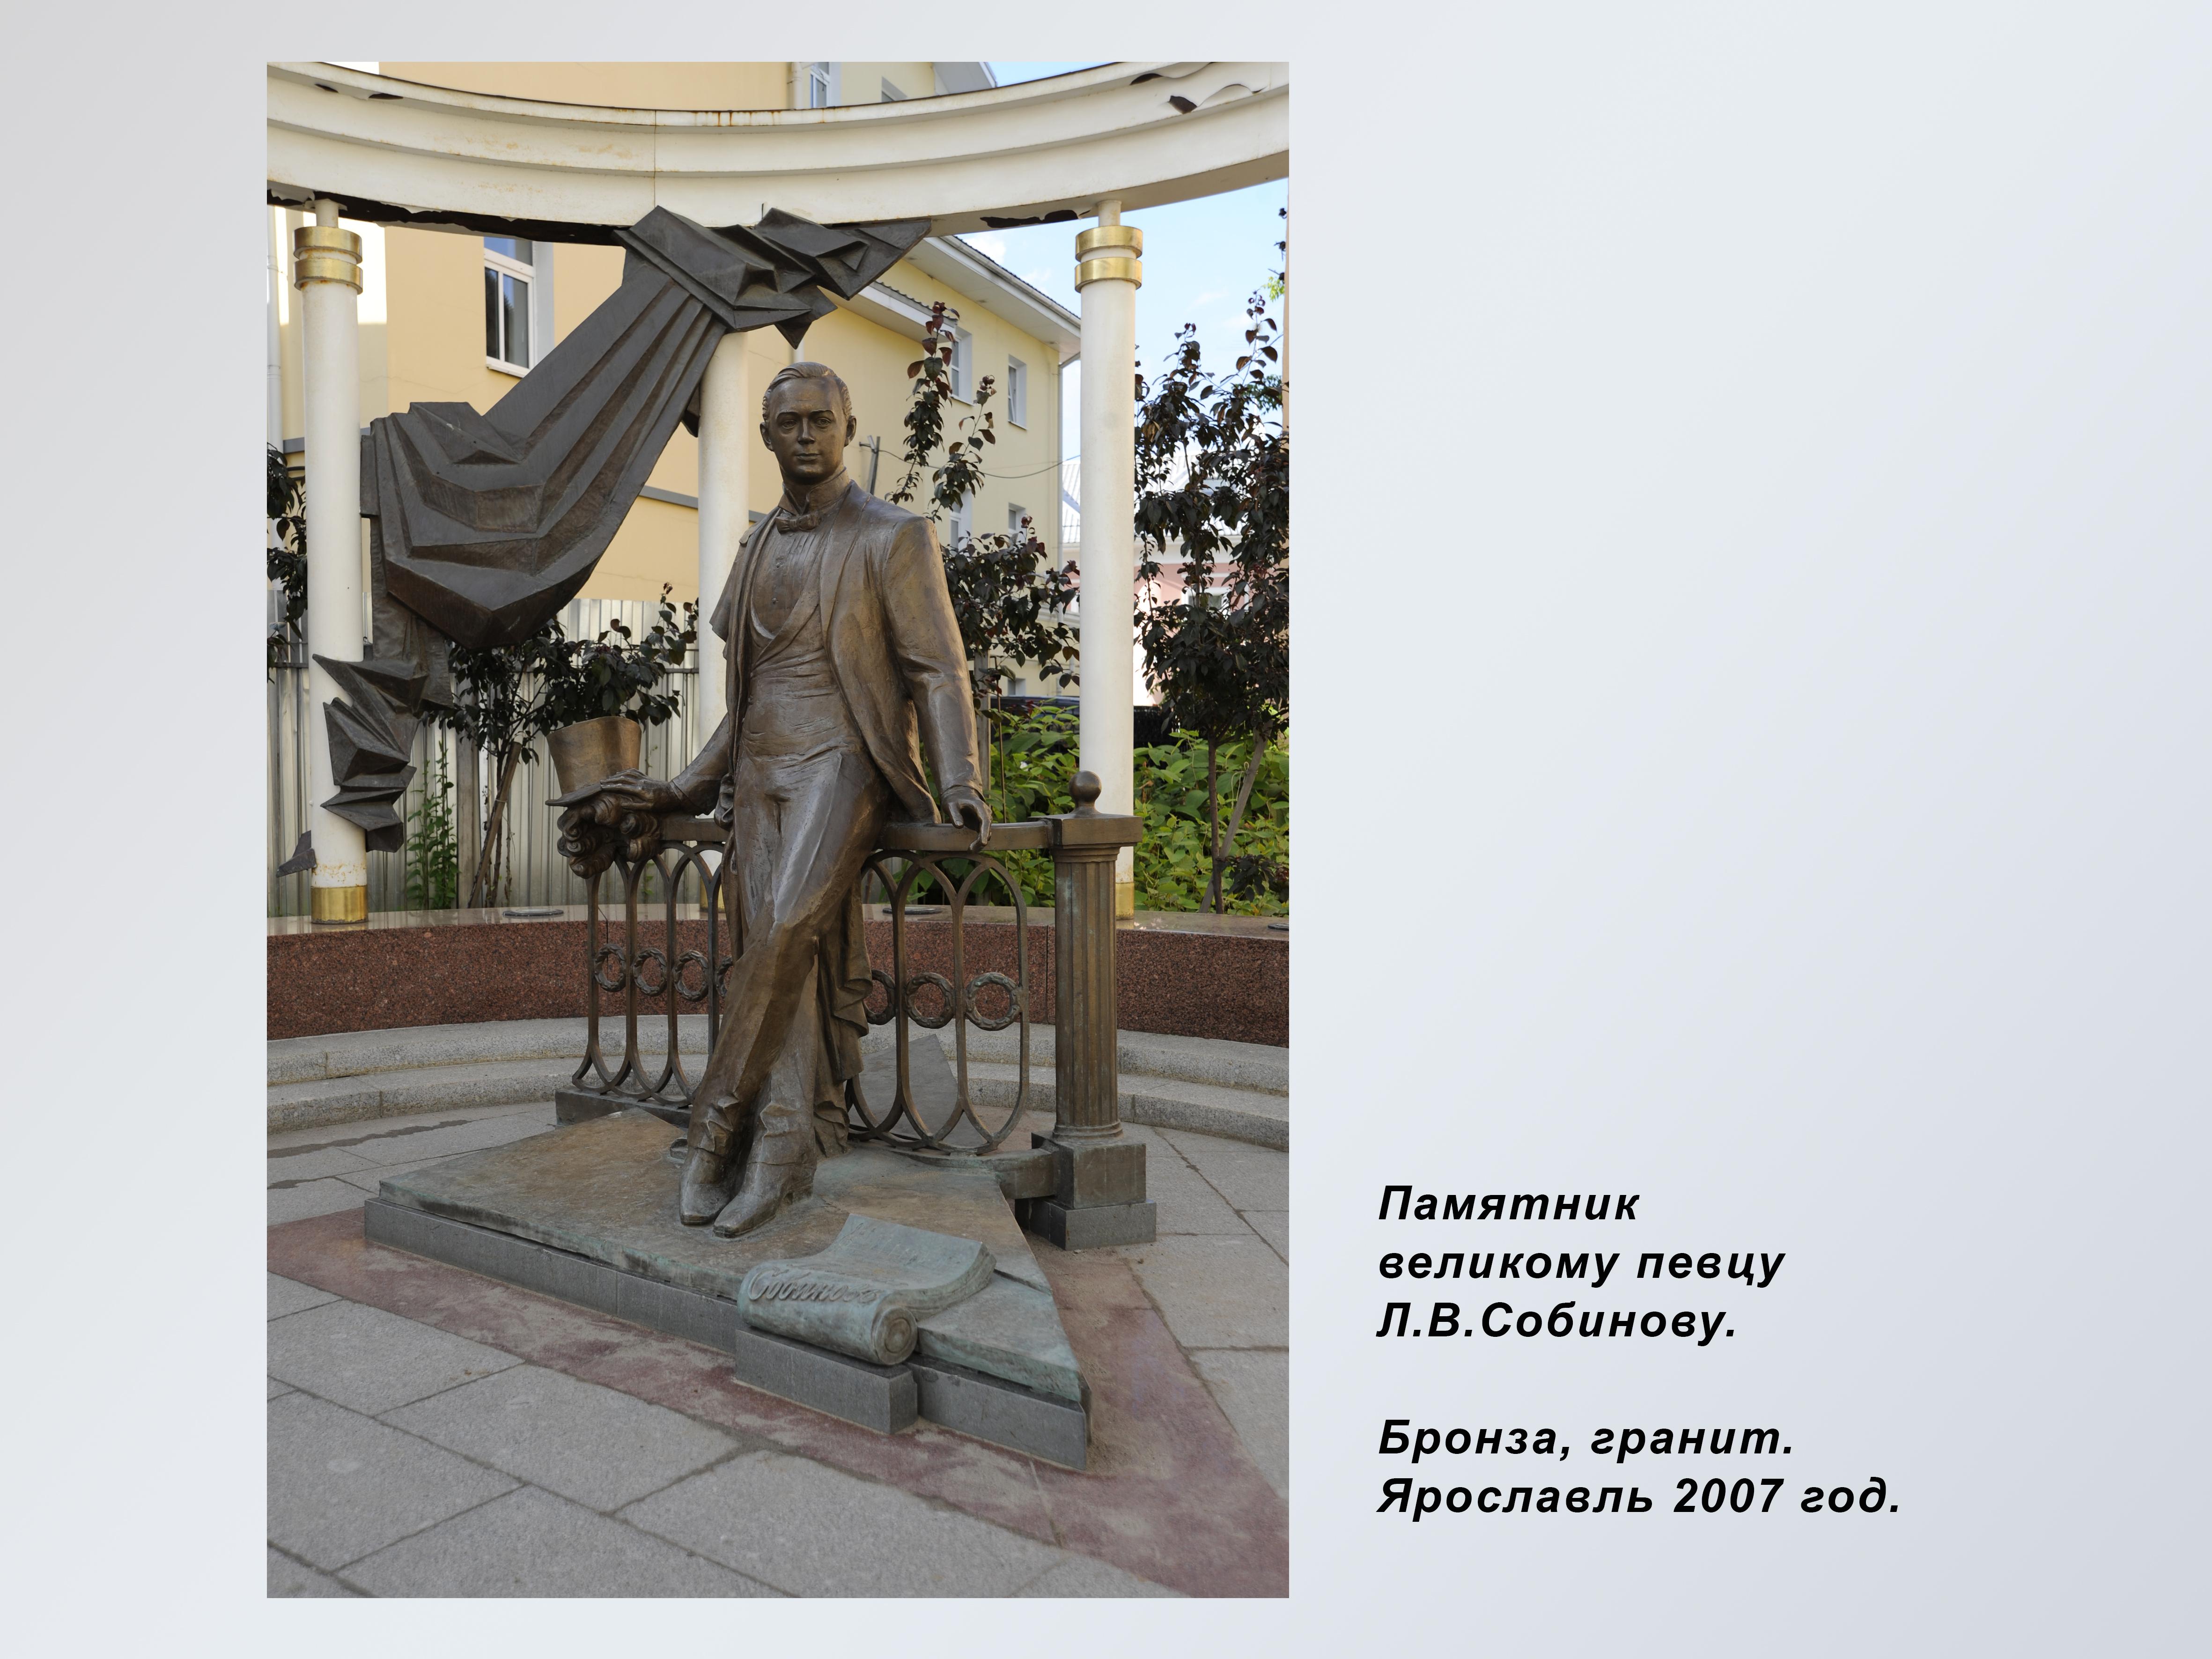 Е.В.Пасхина. Памятник Л.В.Собинову в Ярославле. 2007 г.. Бронза, гранит.